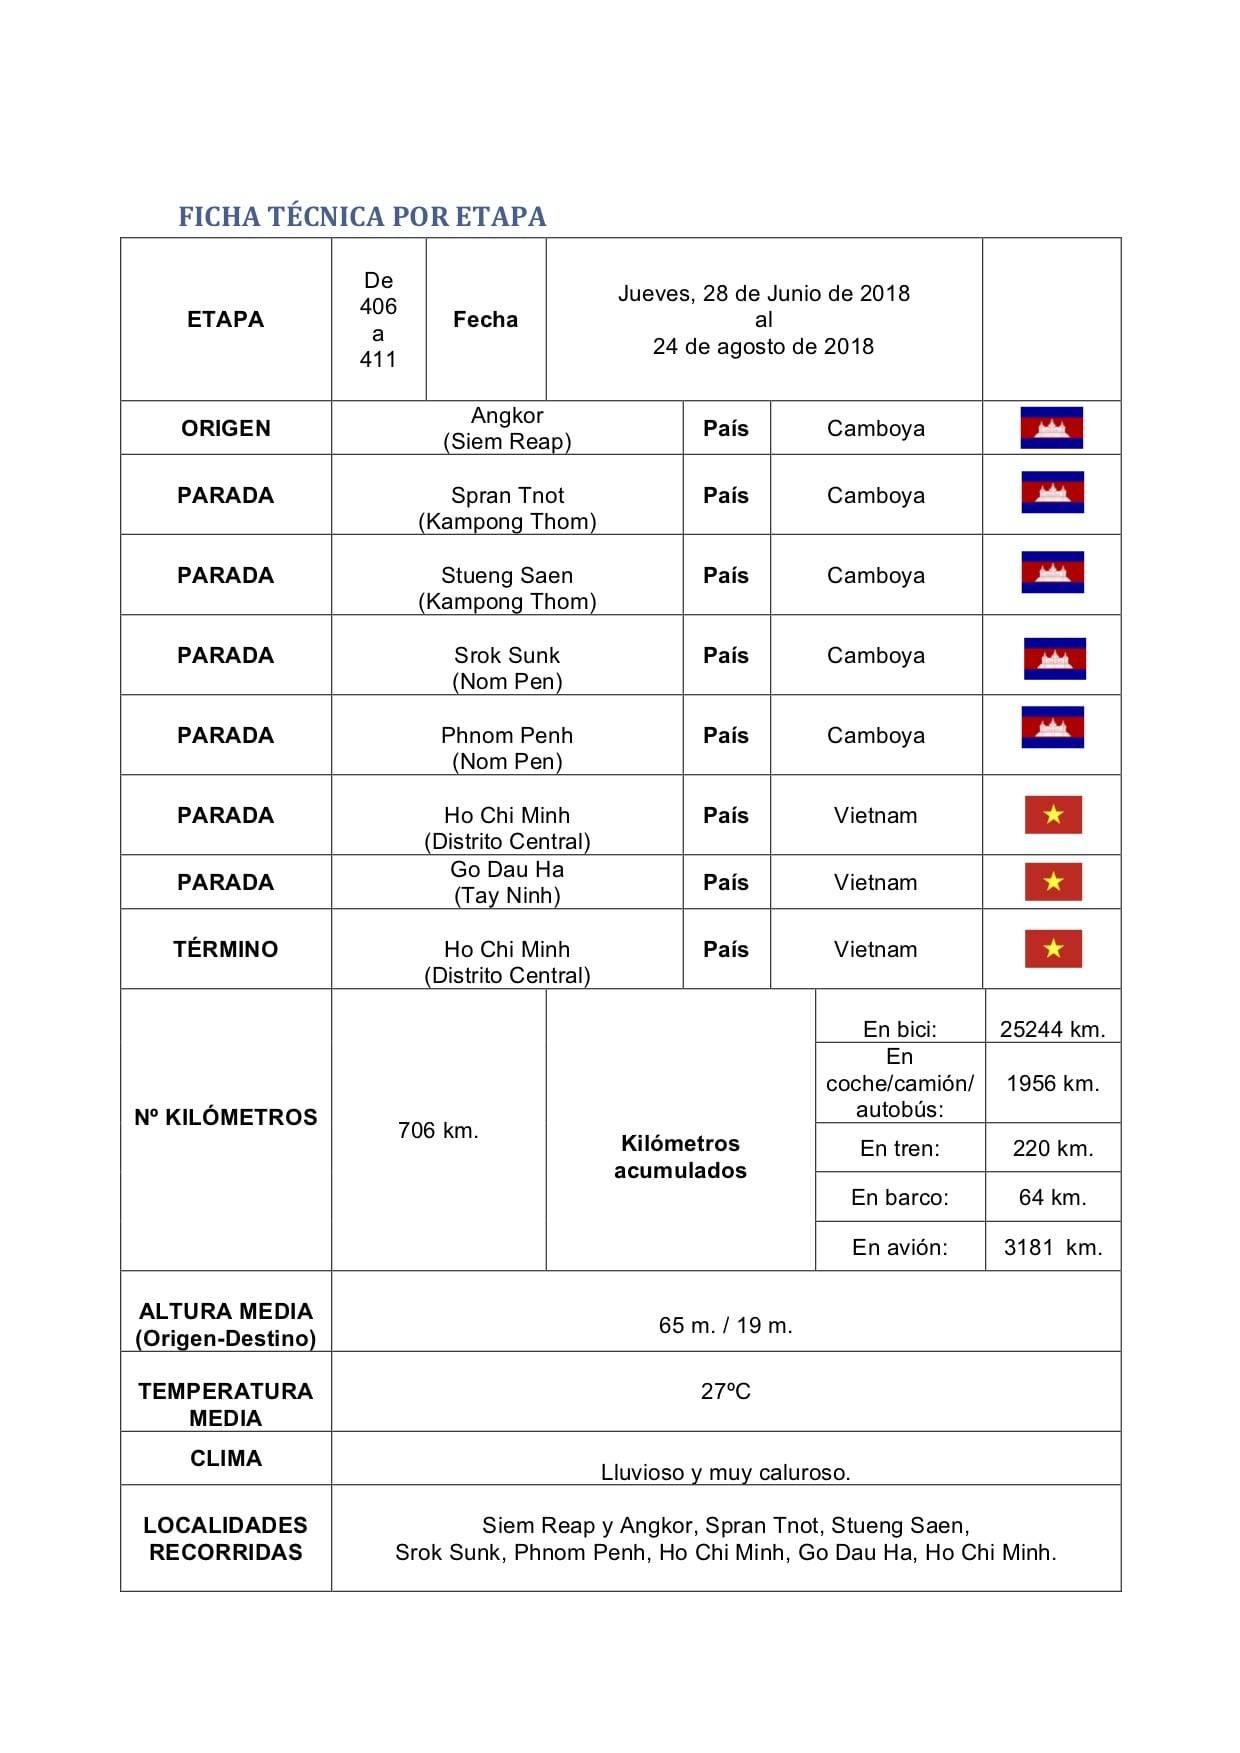 perle por el mundo etapa 406 411  - Continuando el viaje de Perlé por Camboya y Vietnam. Etapas 410 y 411